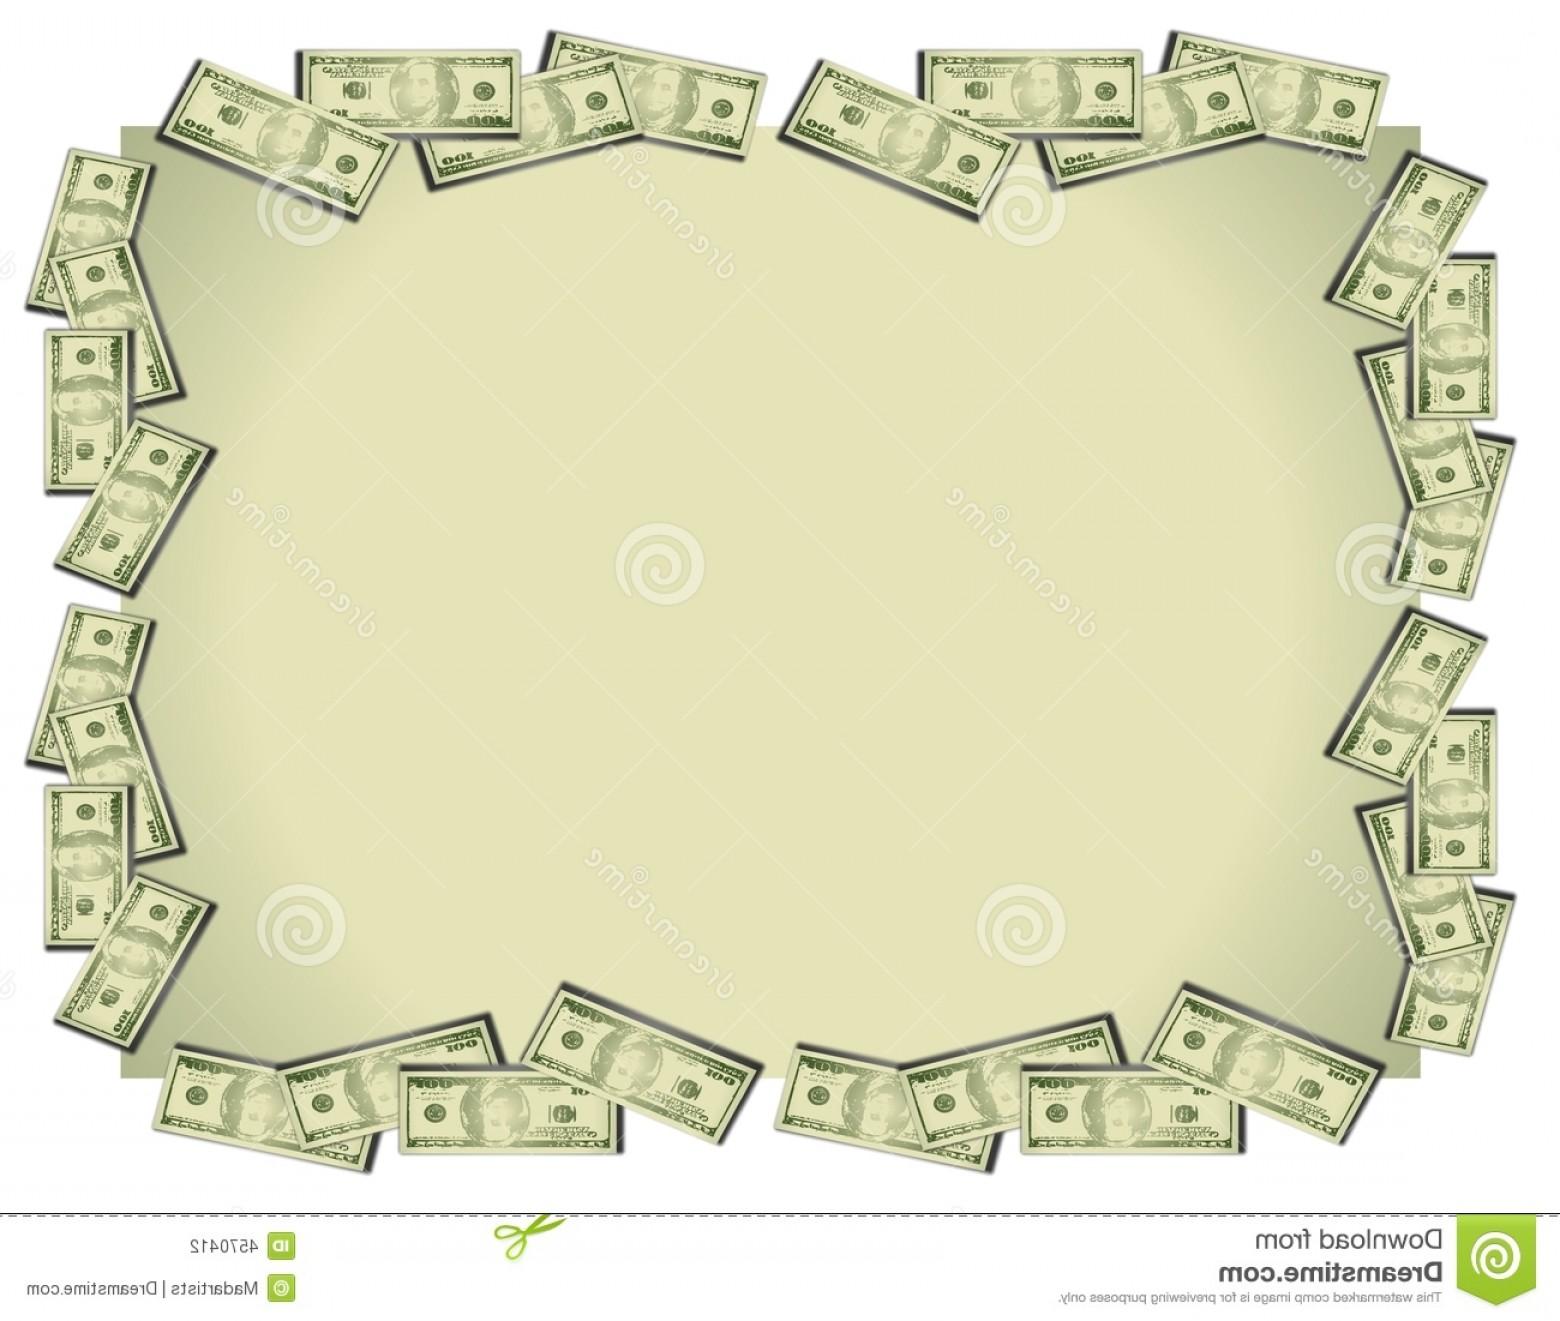 Cash clipart border Clipart ClipArTidy Graphic border Border